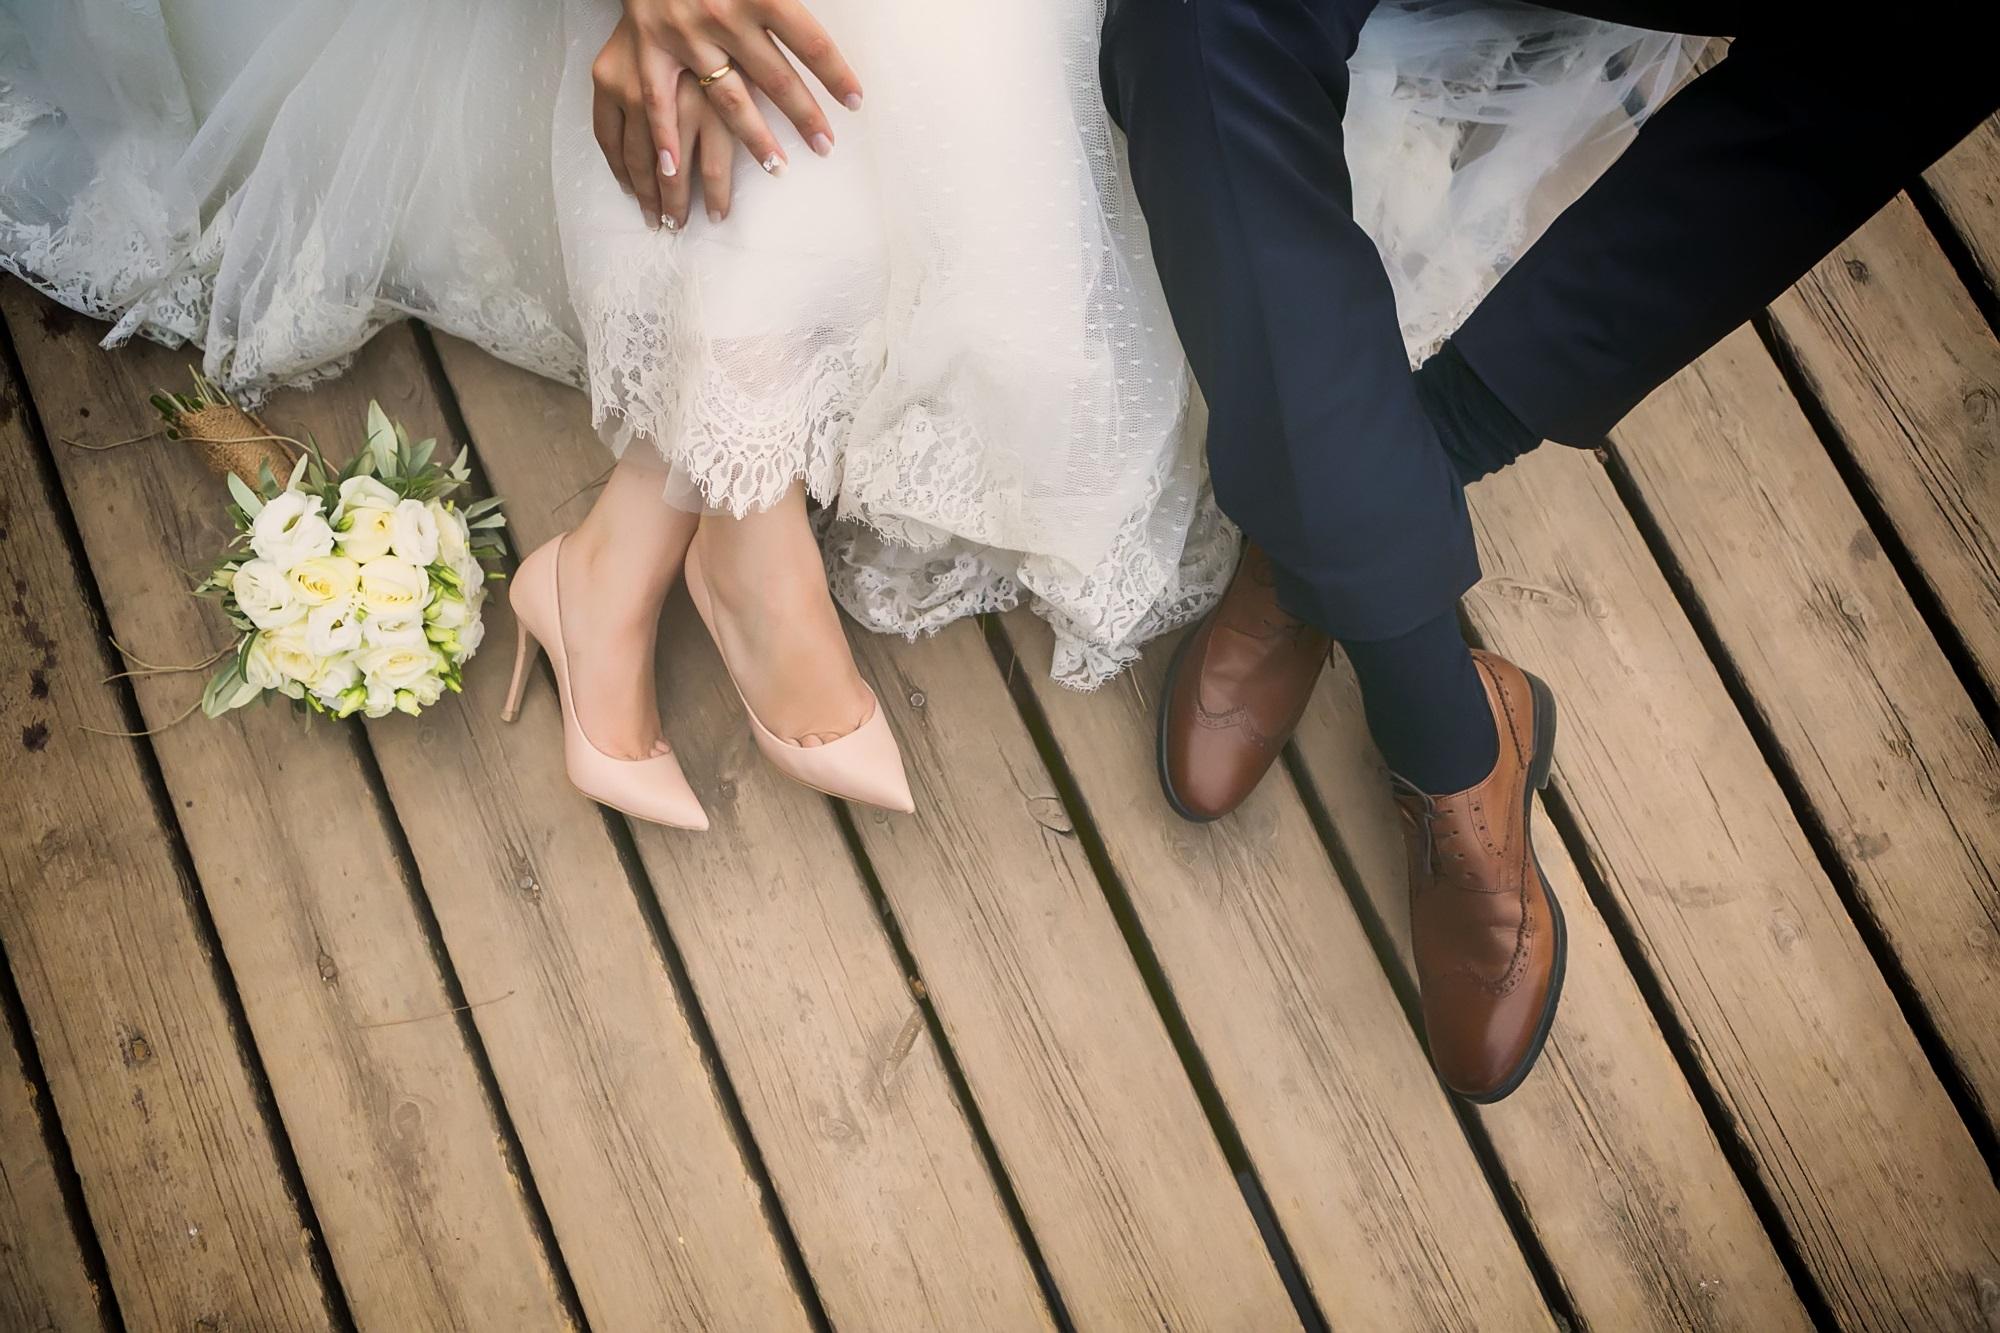 Đàn bà không hoàn hảo cũng được nhưng ít nhất phải biết những 'giới hạn an toàn' trong hôn nhân - Ảnh 1